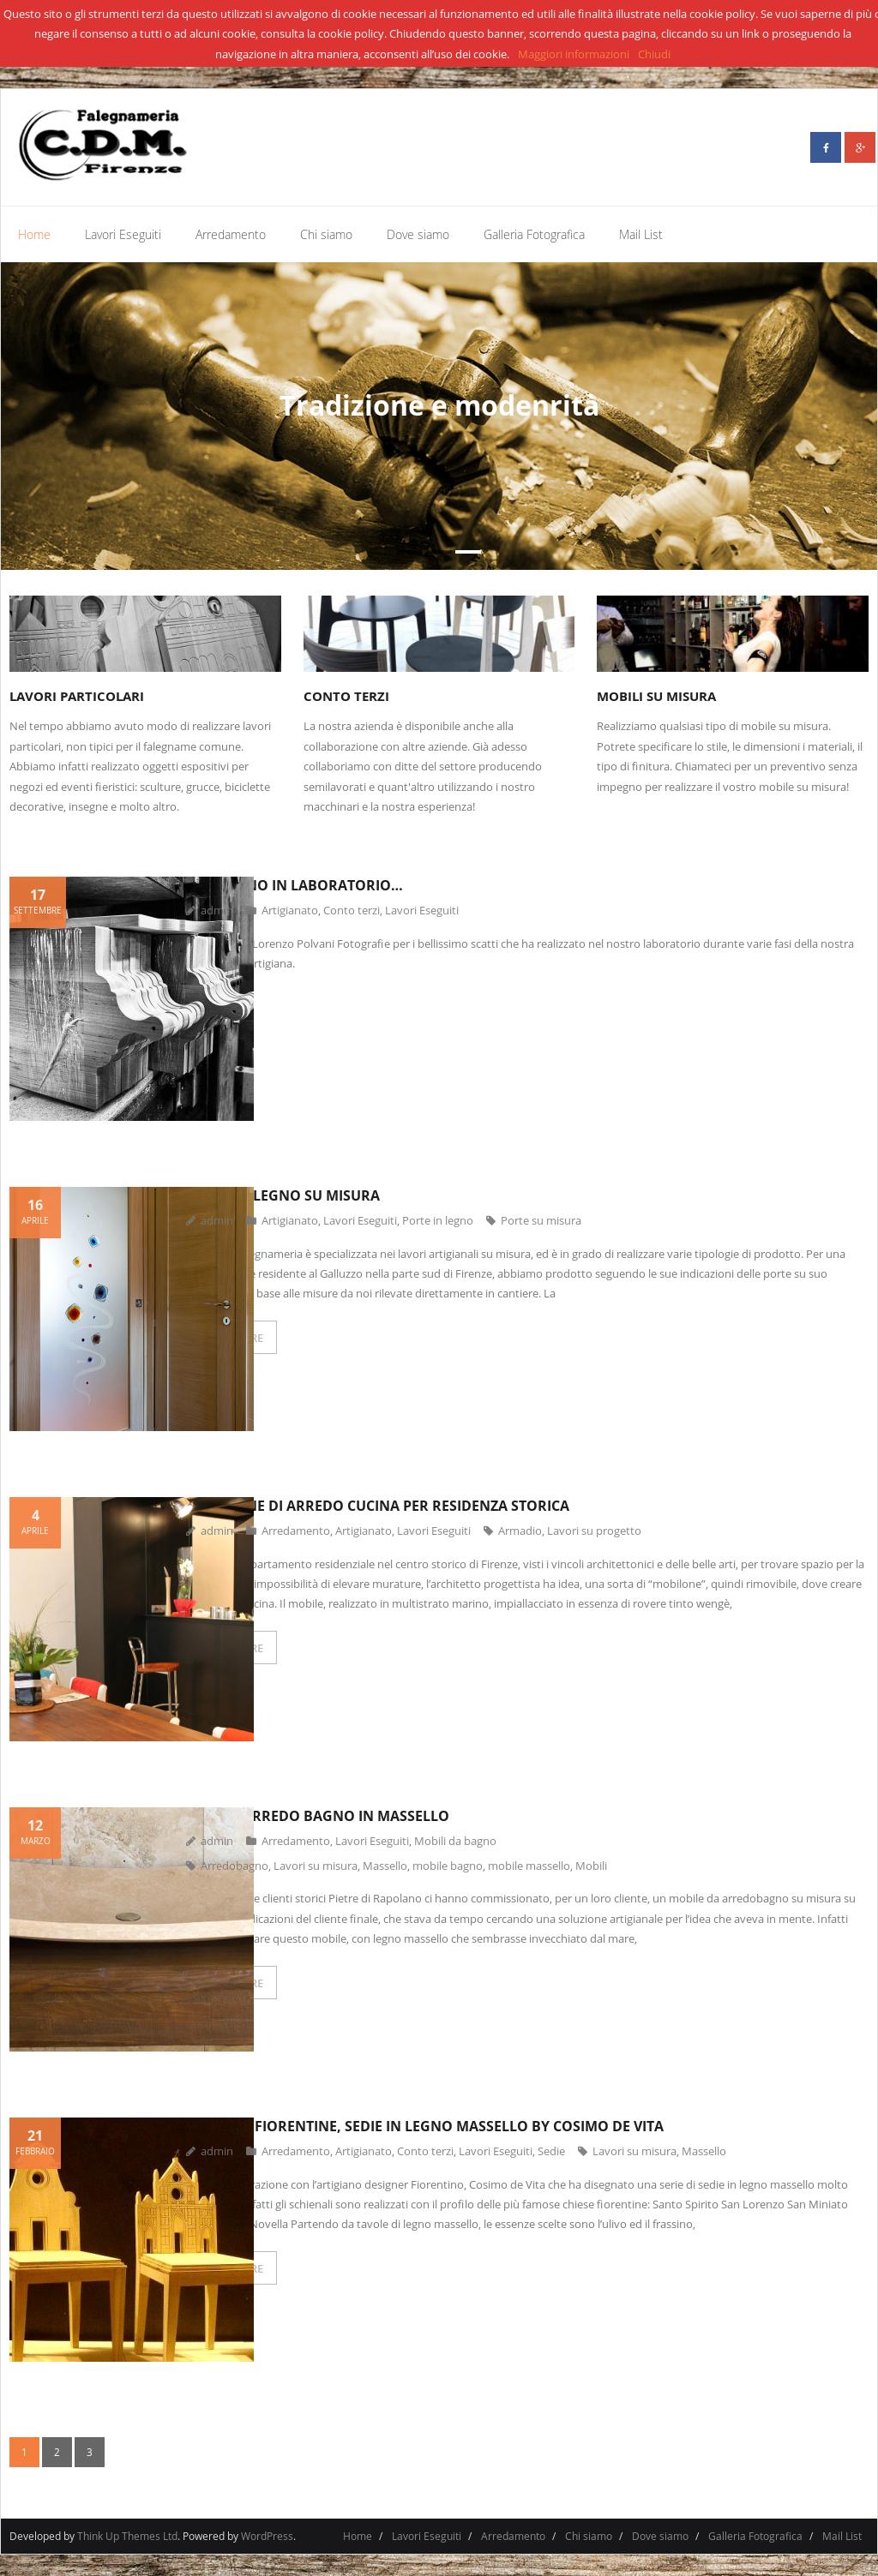 Artigiano Della Sedia Bologna falegnameria cdm srl competitors, revenue and employees